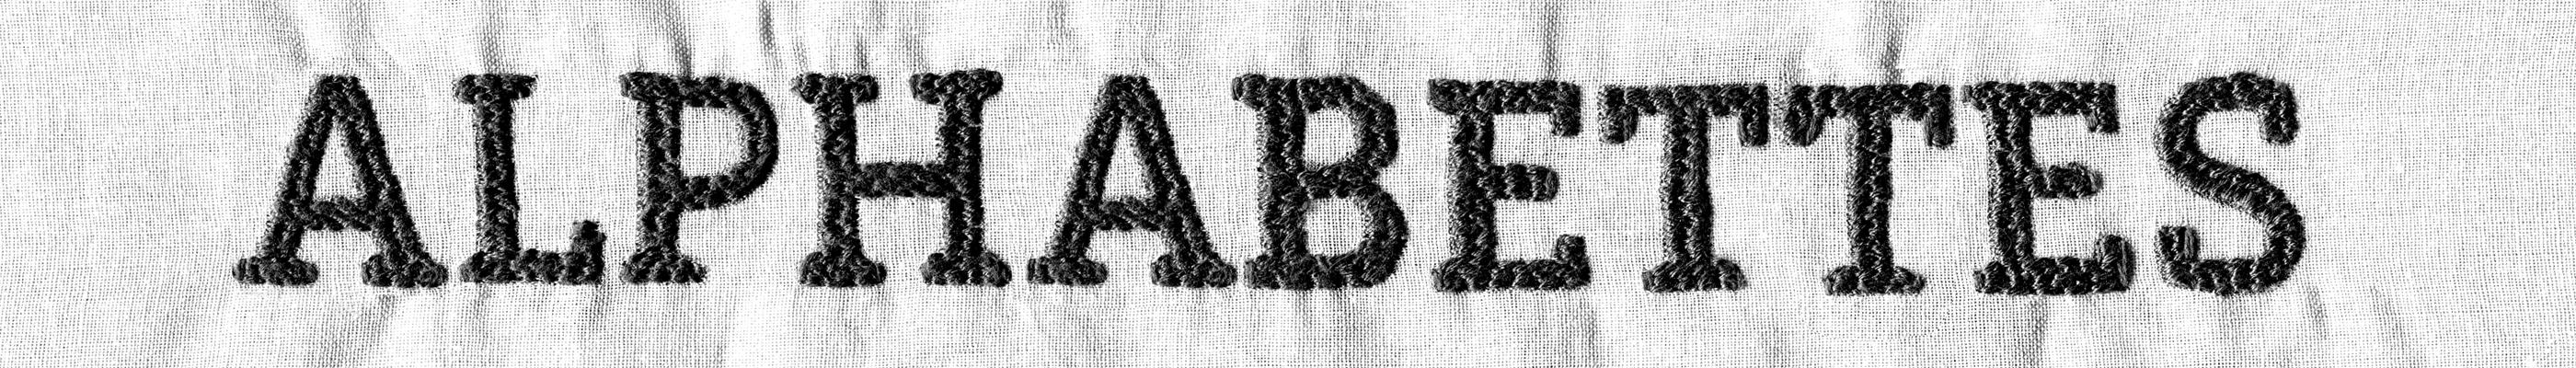 Alphabettes blog header